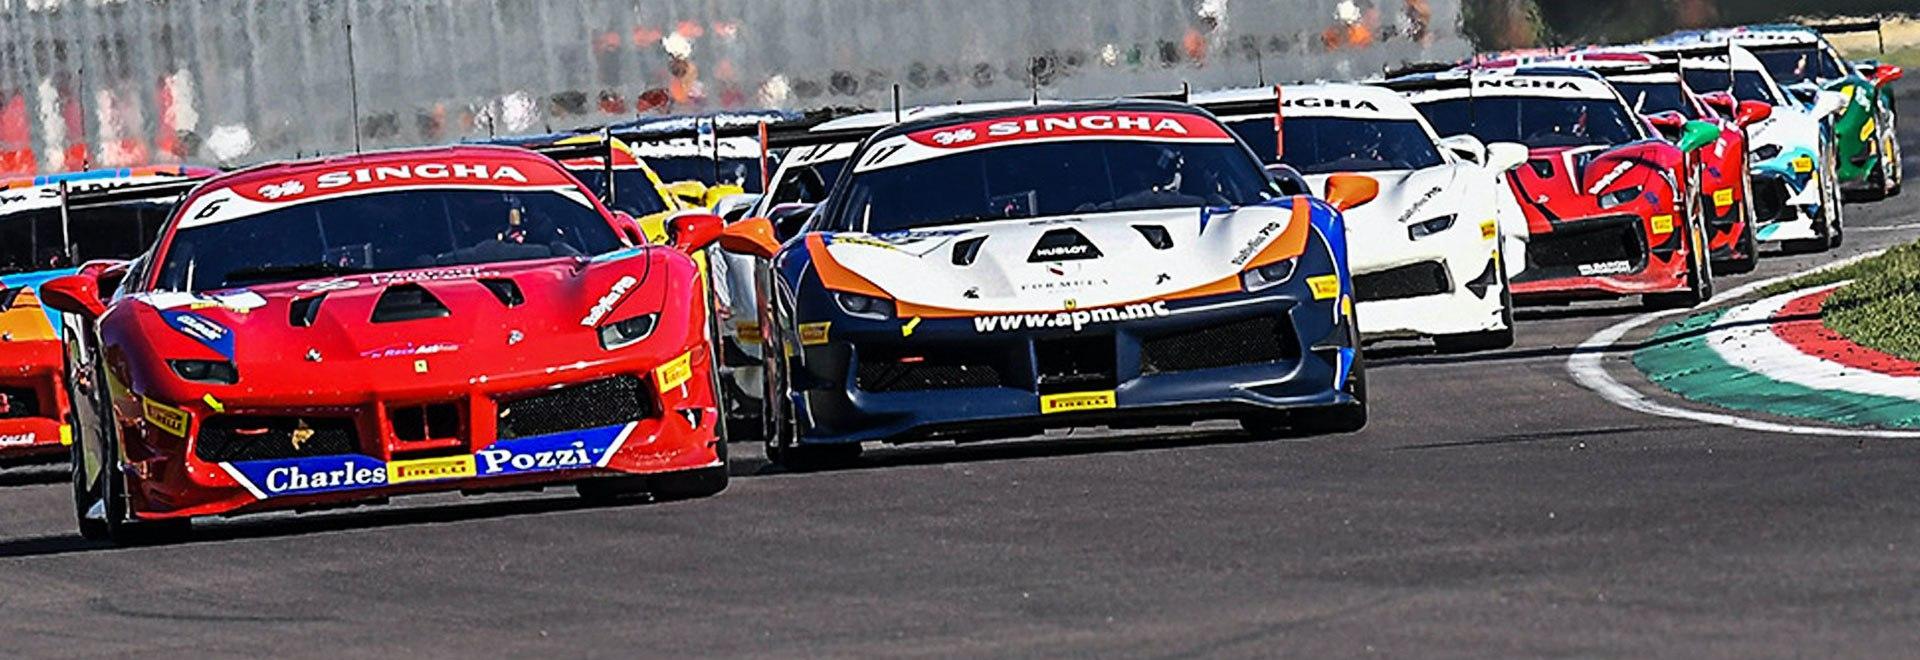 Trofeo Pirelli Spa-Francorchamps. Gara 1